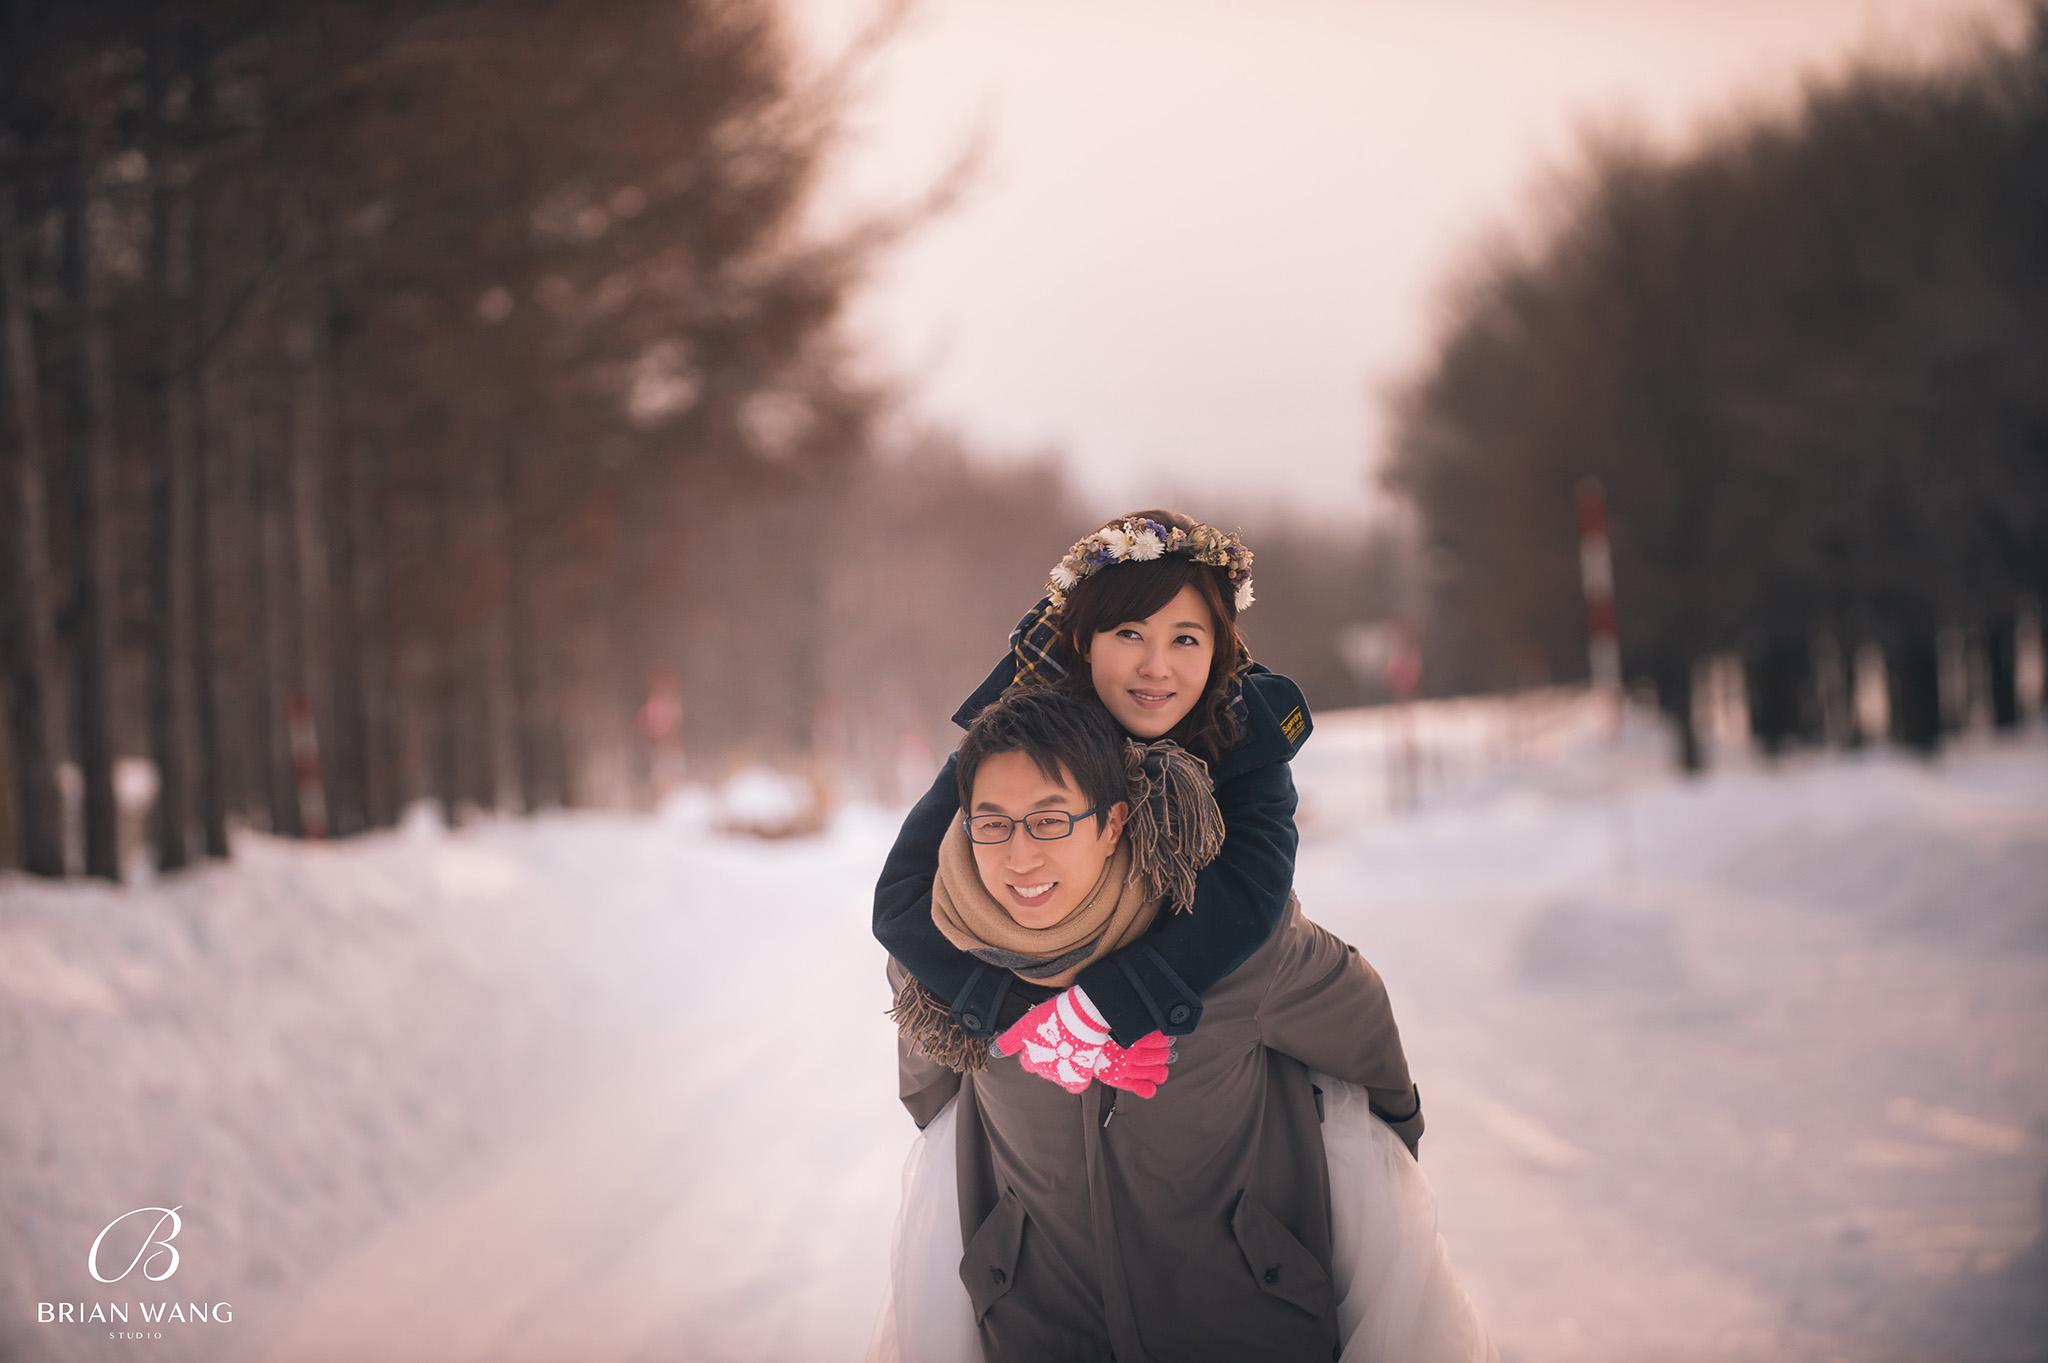 '北海道自助婚紗,北海道婚紗攝影,北海道雪景婚紗,海外婚紗價格,雪景婚紗,拍和服,北海道海外婚紗費用,伏見稻荷,札幌,2048BWS_7371'